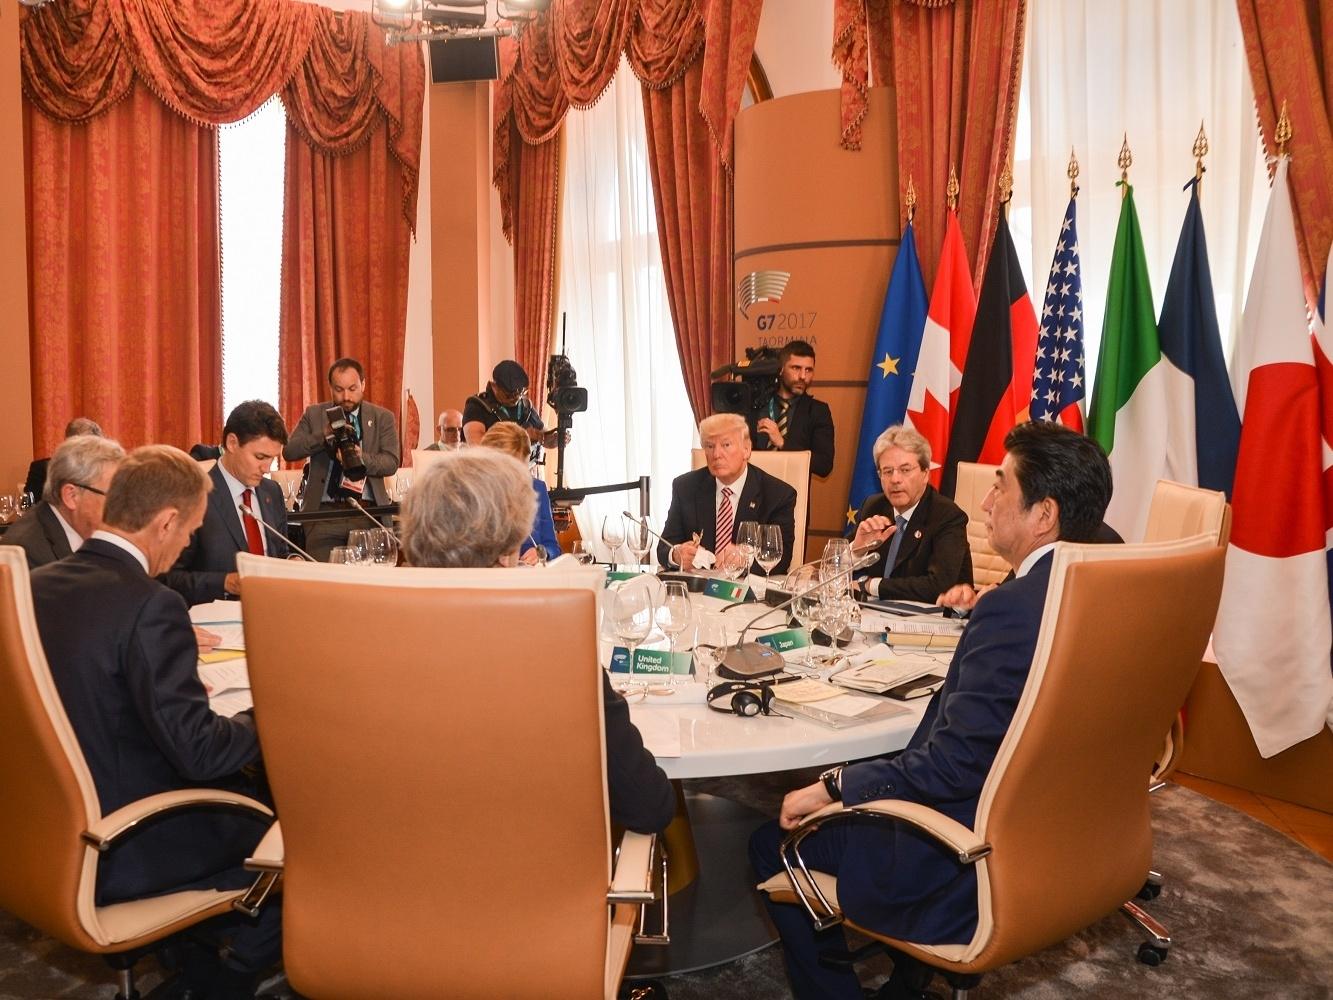 Un momento del Summit G7 a Taormina